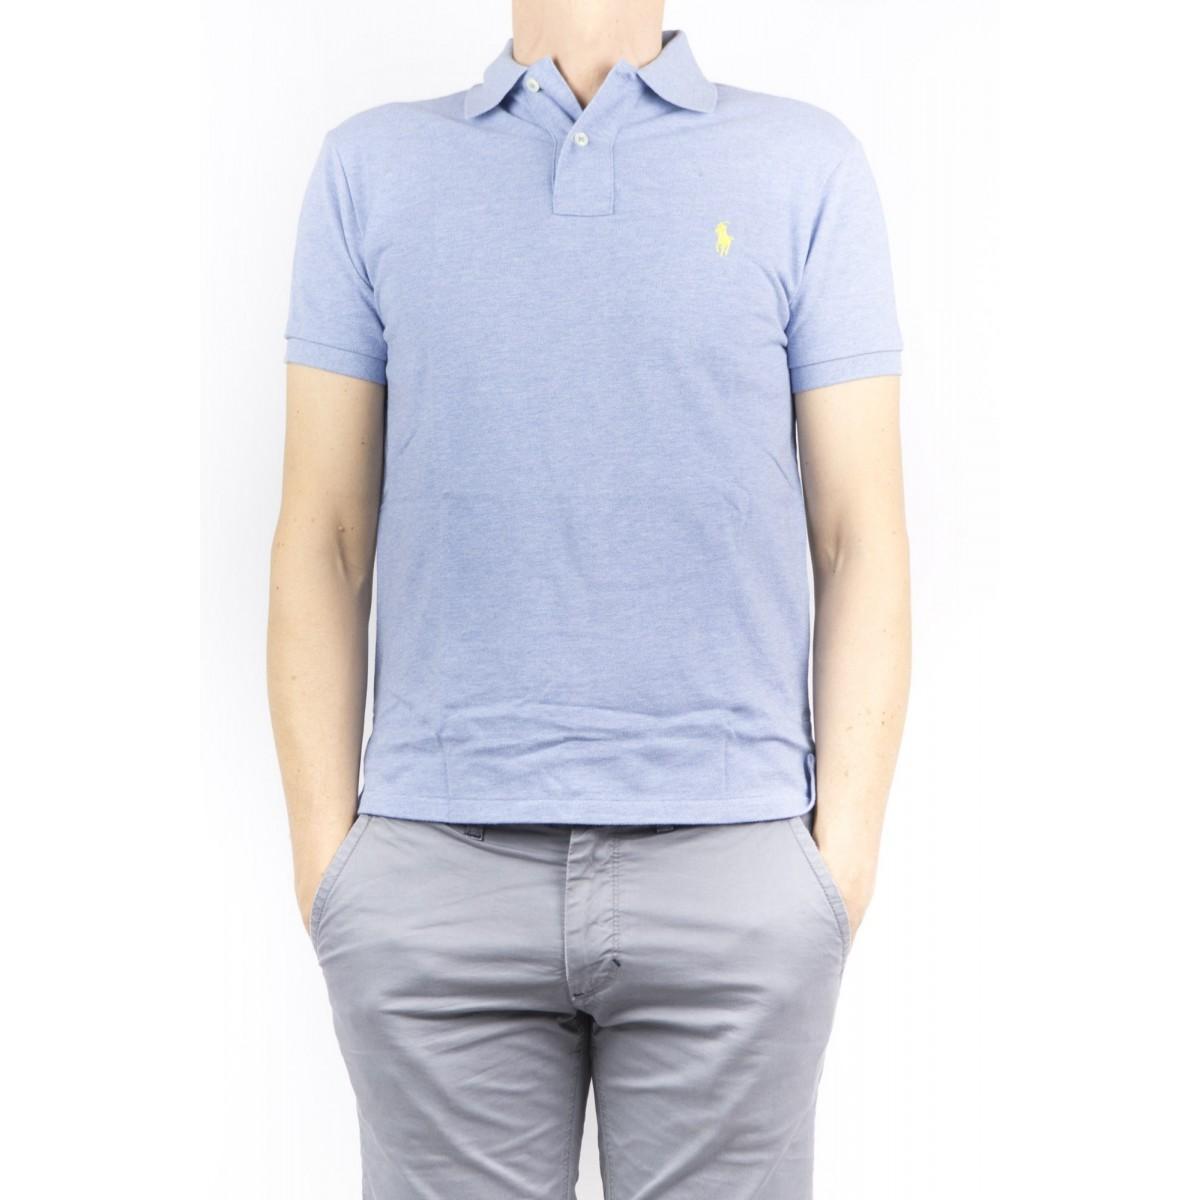 Polo Ralph Lauren Manner - A12Kaa09C8312 A41JH - melange azzurro